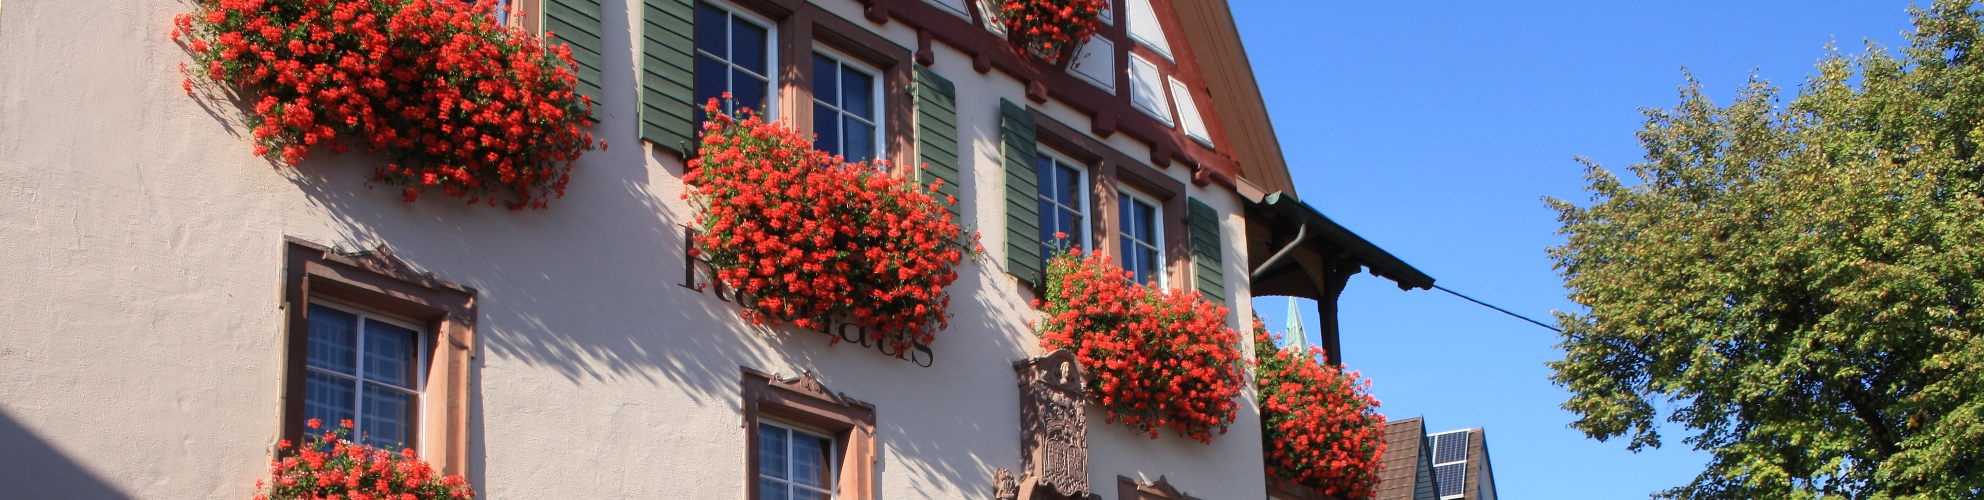 Rathaus von Bahlingen am Kaiserstuhl